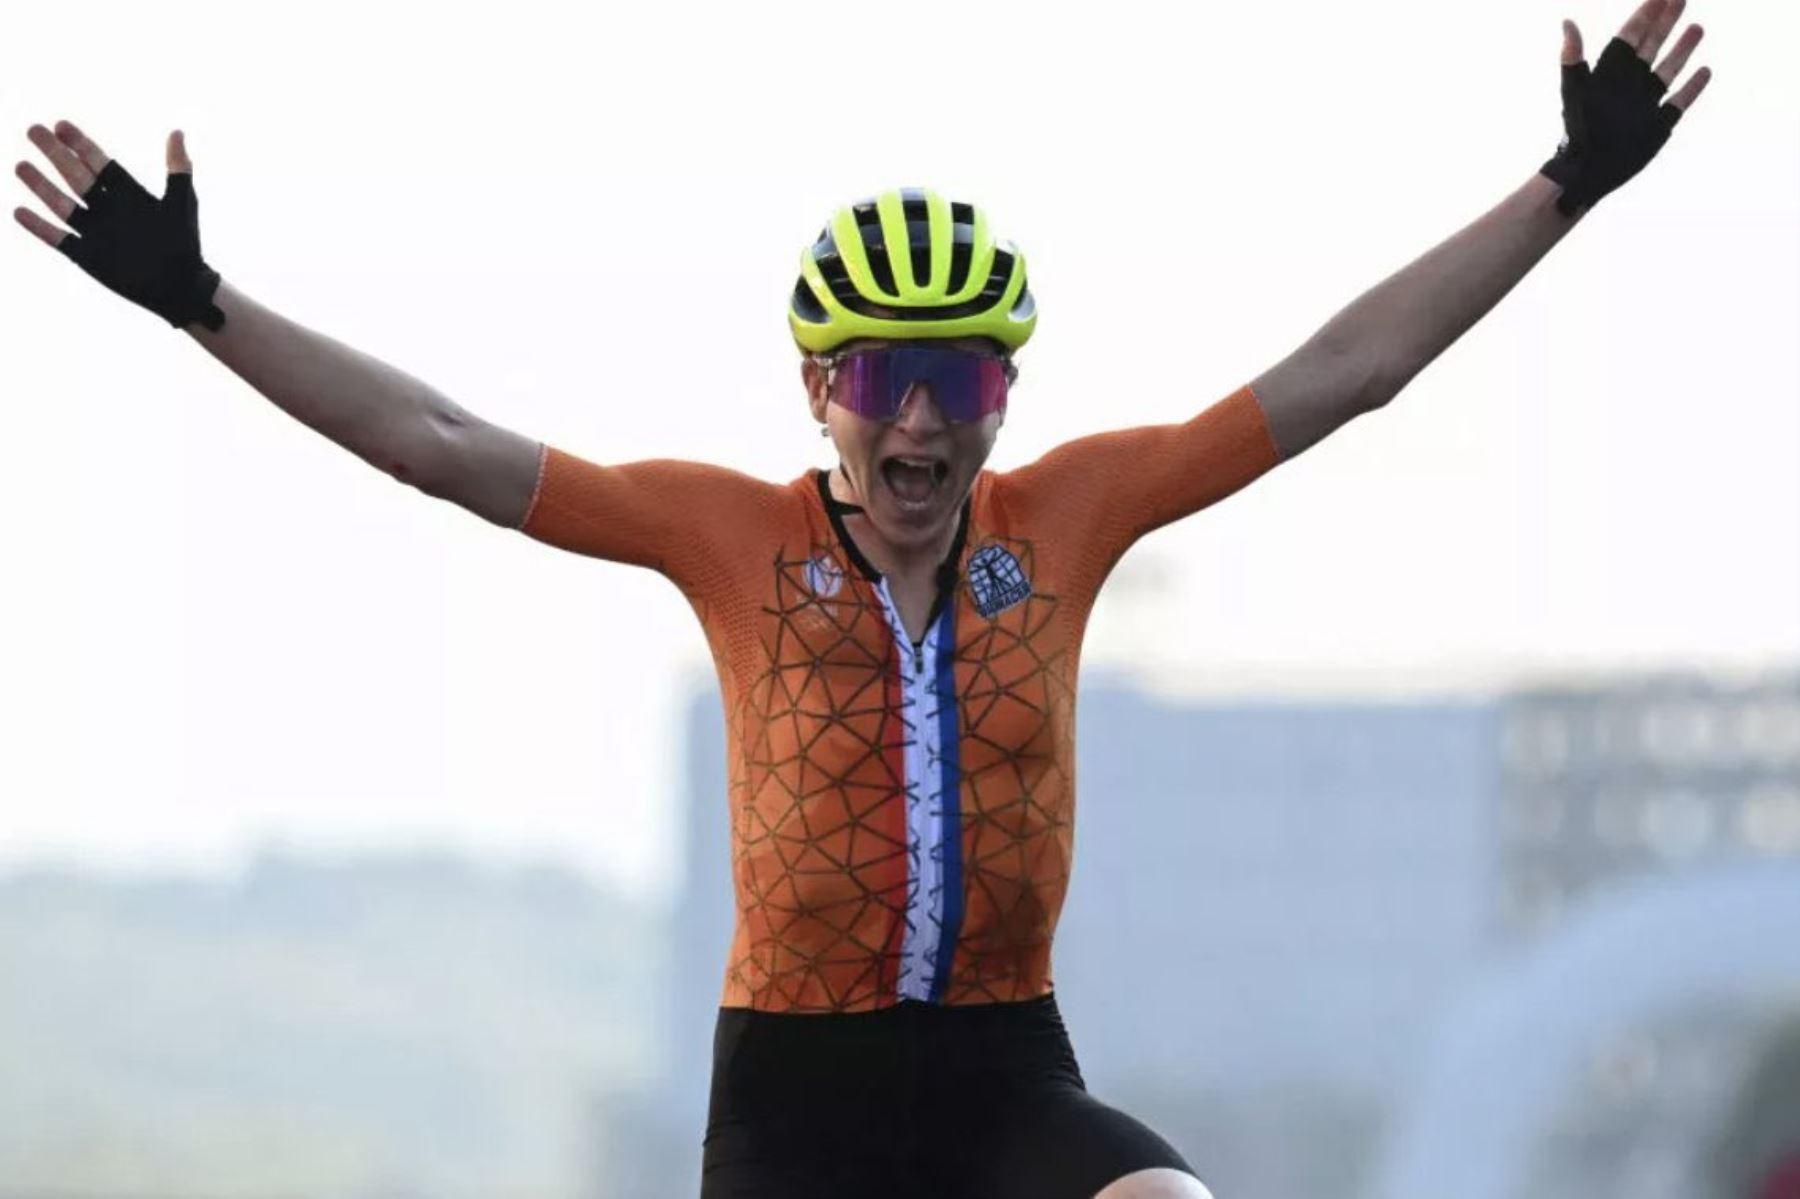 Annemiek van vleuten celebró como si hubiera ganado la medalla de oro